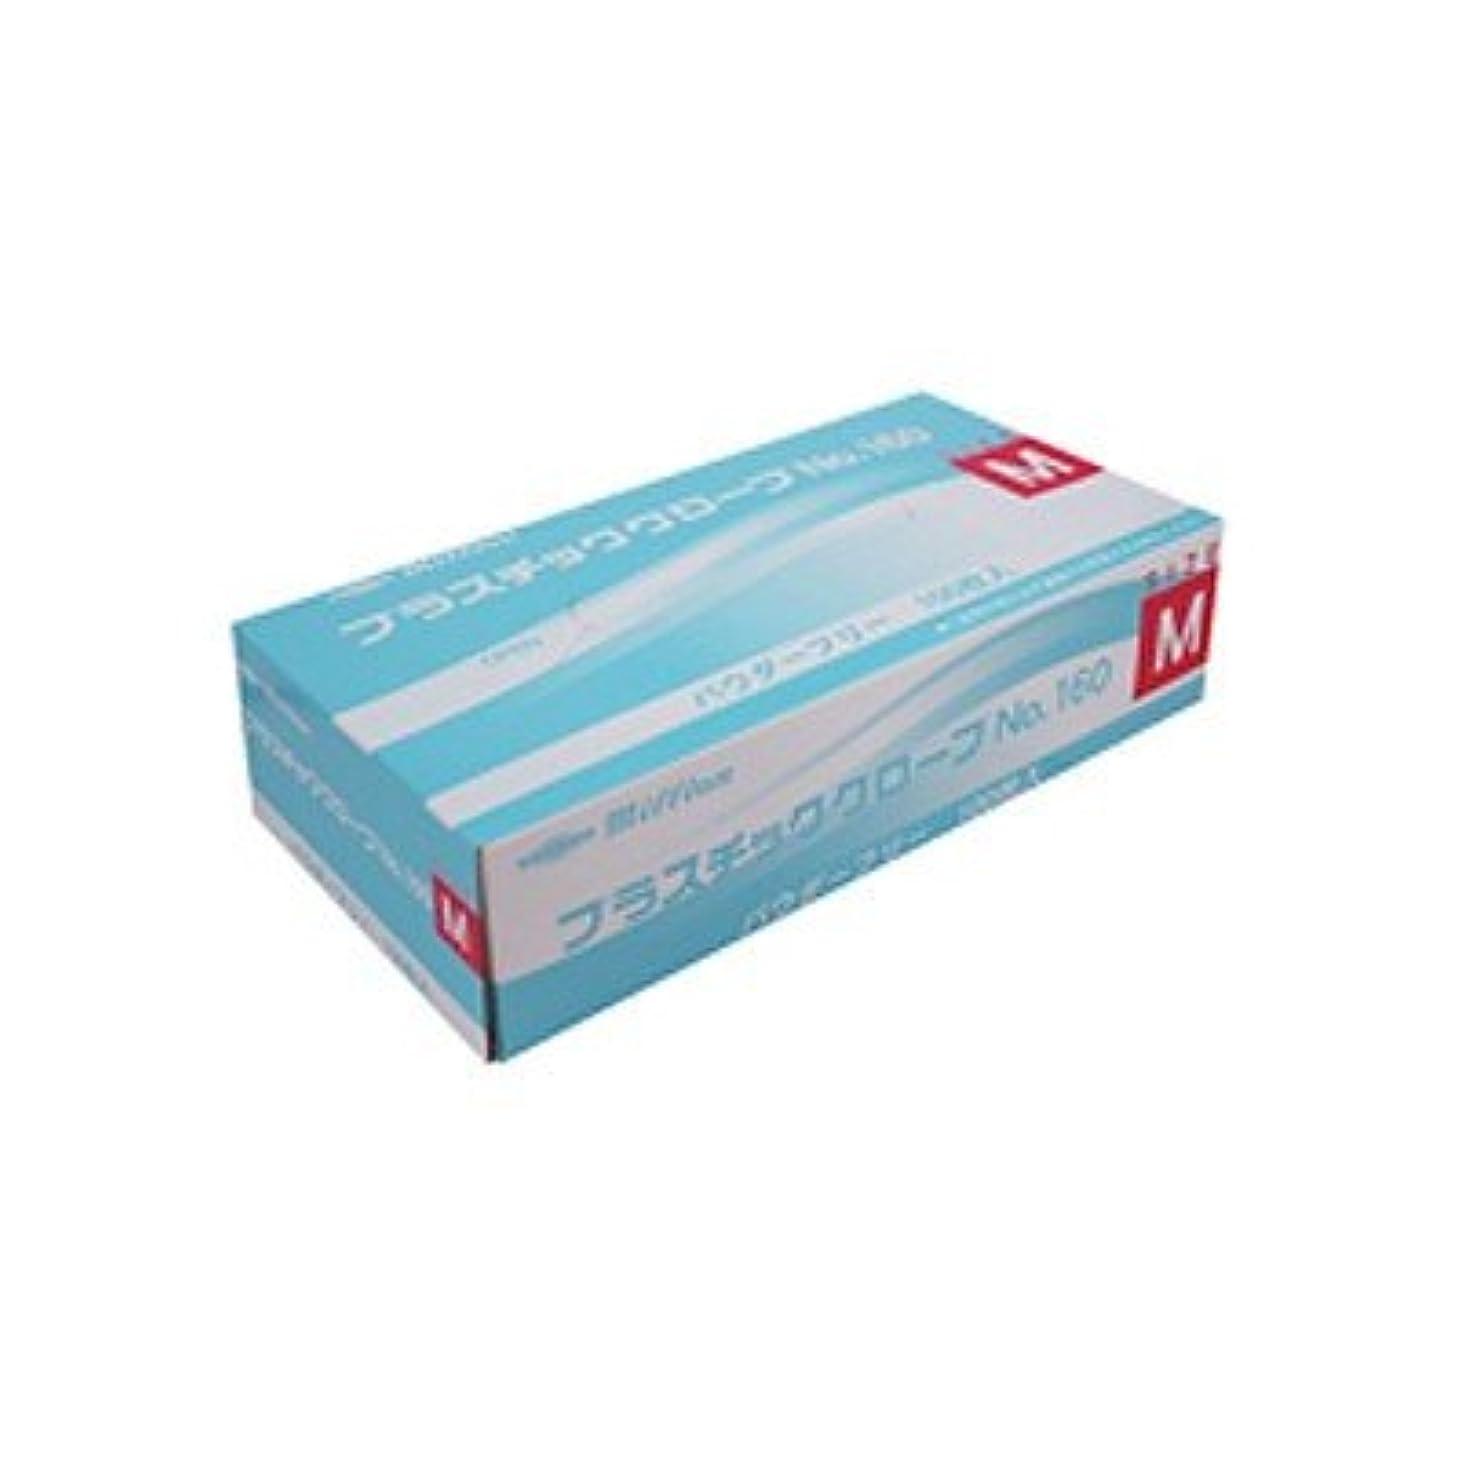 プレミア散らす手ミリオン プラスチック手袋 粉無 No.160 M 品番:LH-160-M 注文番号:62741606 メーカー:共和